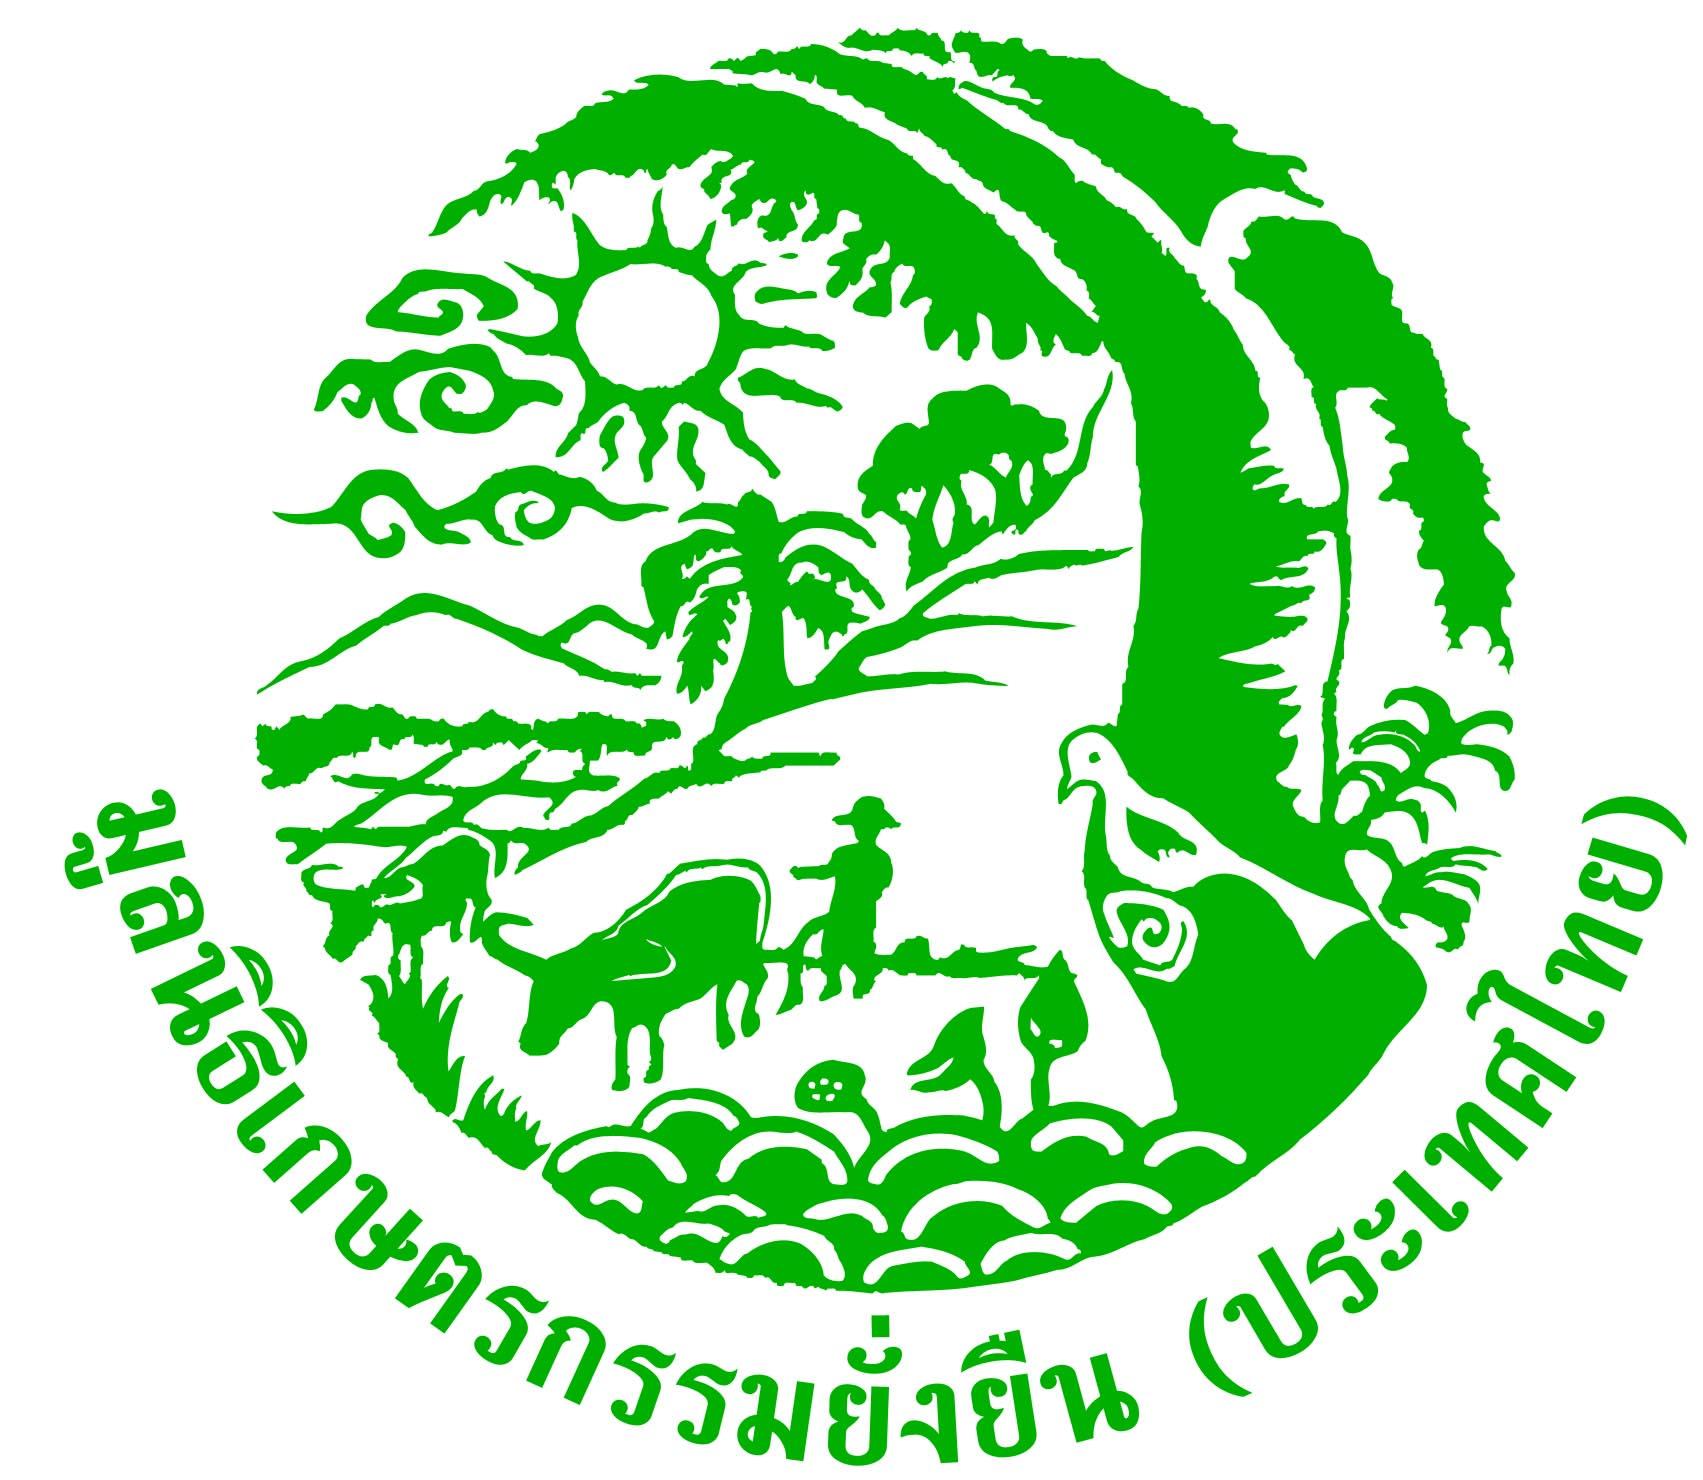 มูลนิธิเกษตรกรรมยั่งยืน(ประเทศไทย)